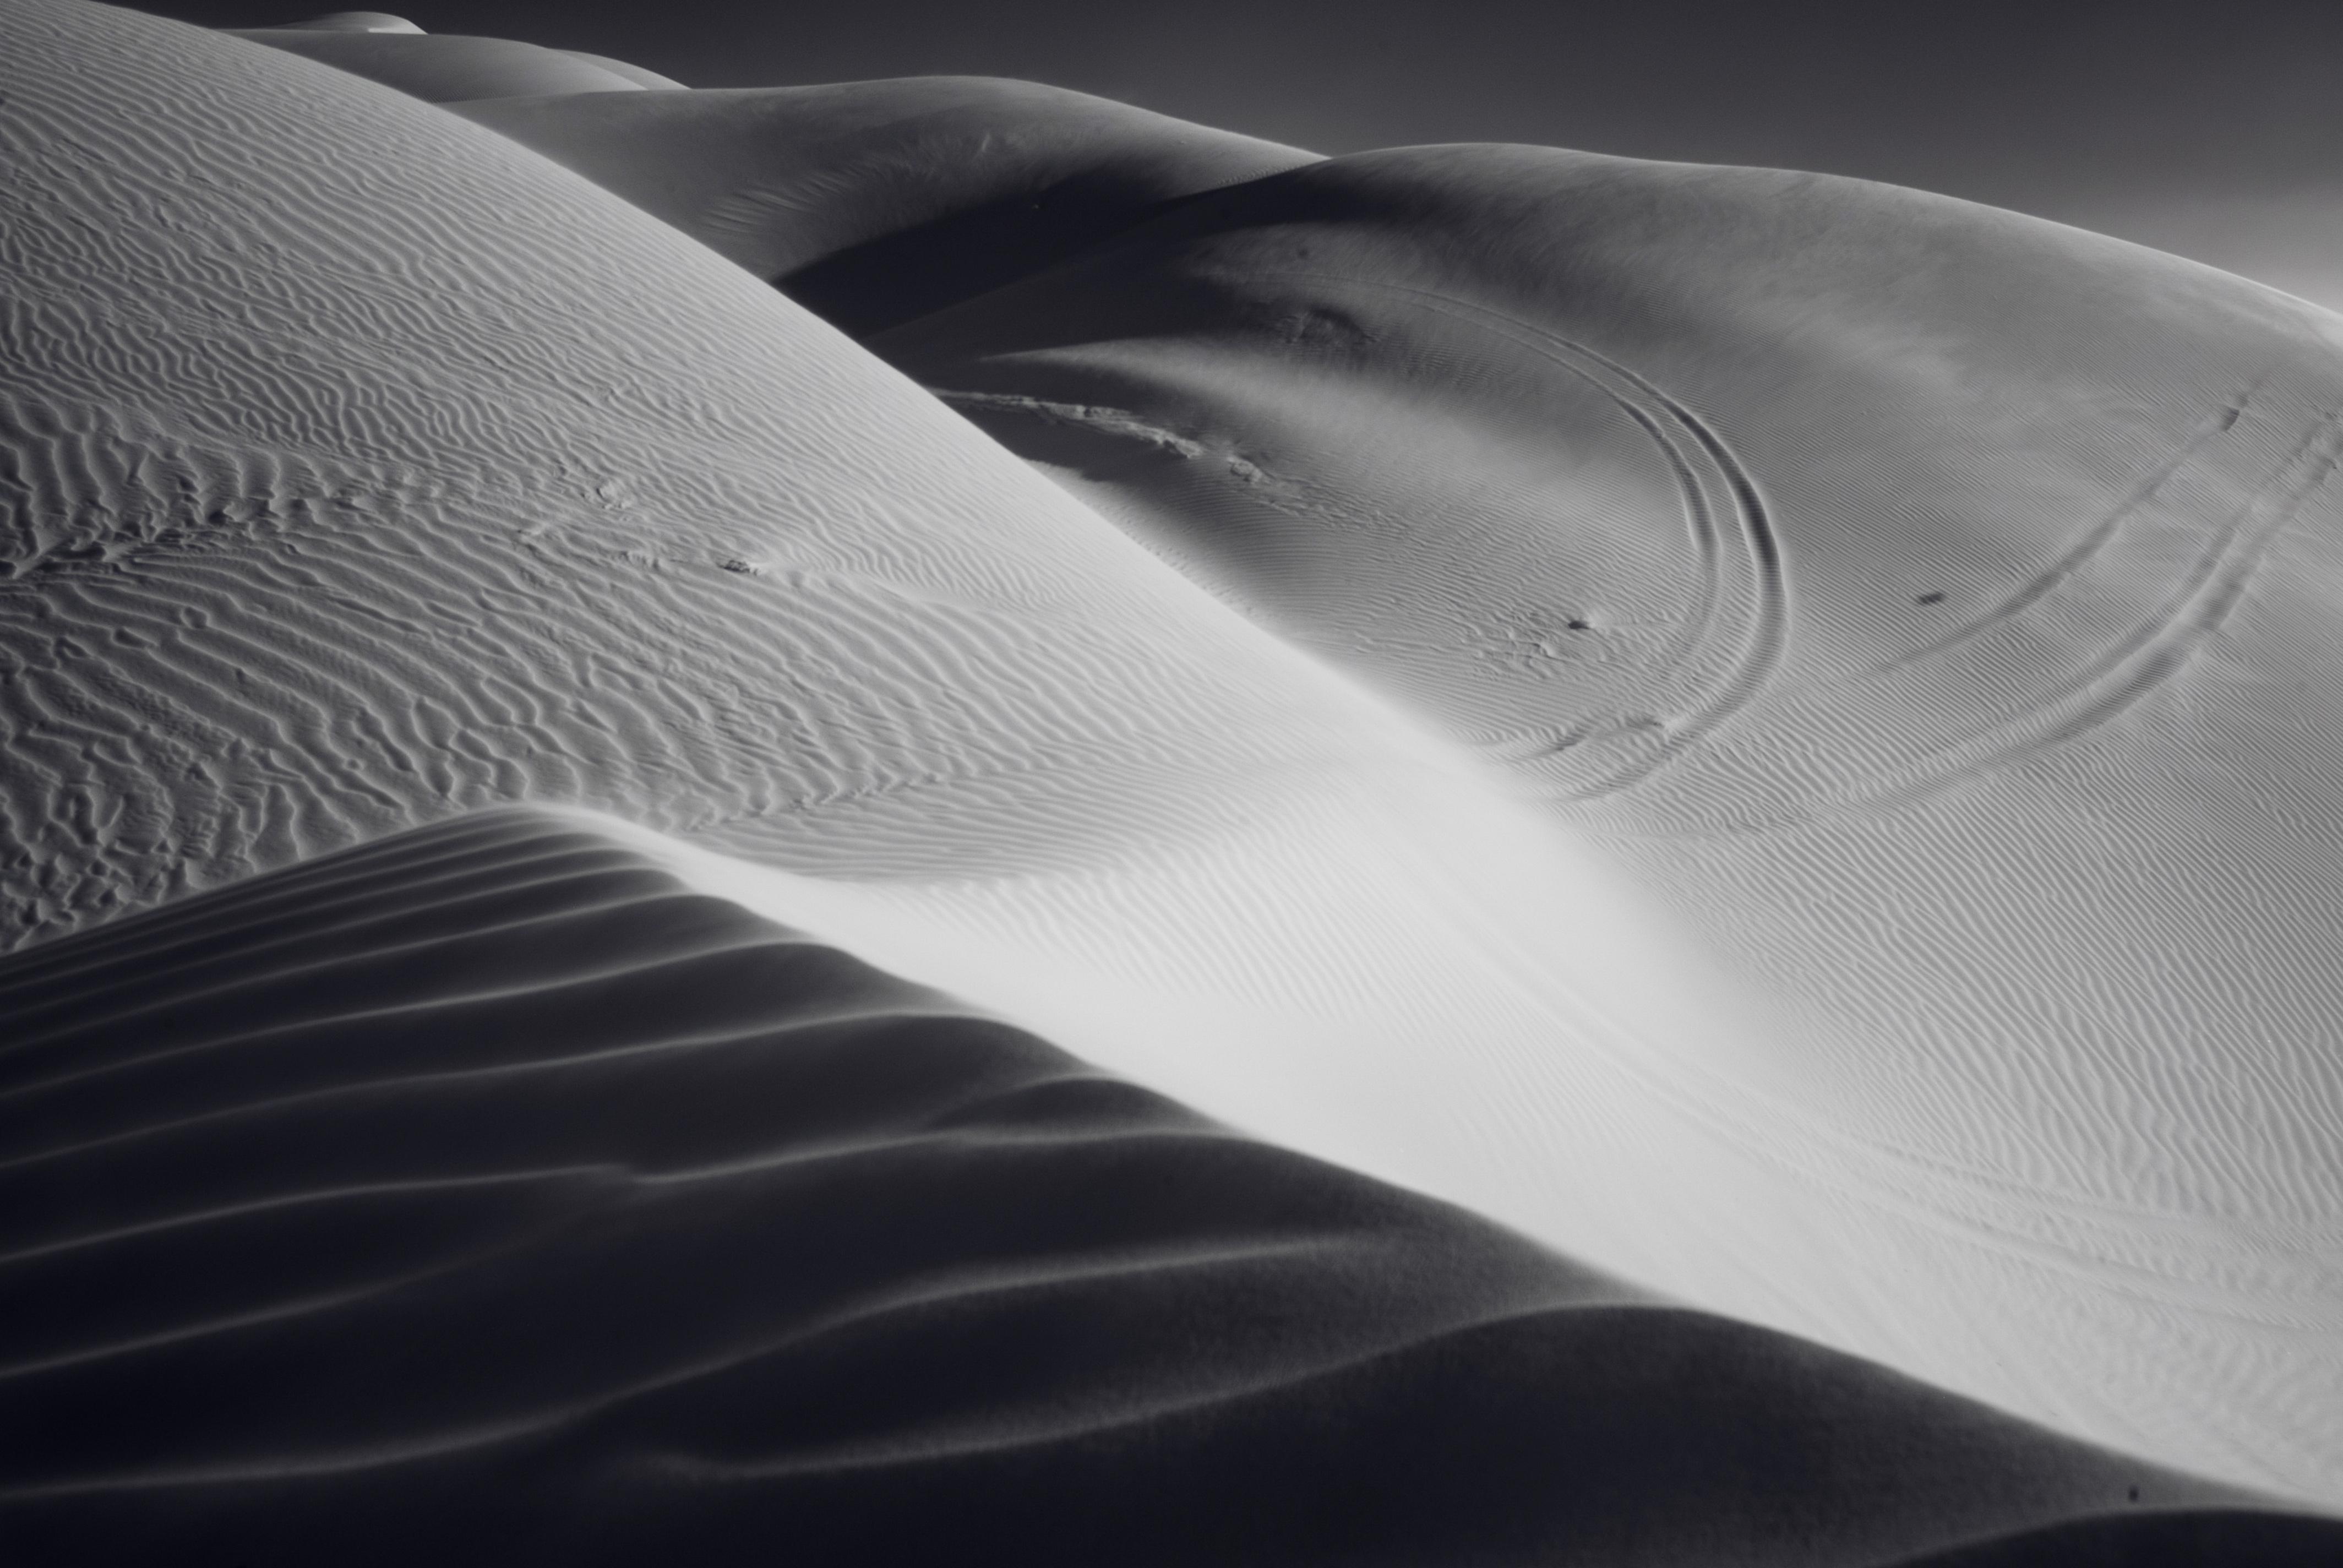 Desert Landscape Wallpaper Hd Free Stock Photo Of Black And White Desert Dunes